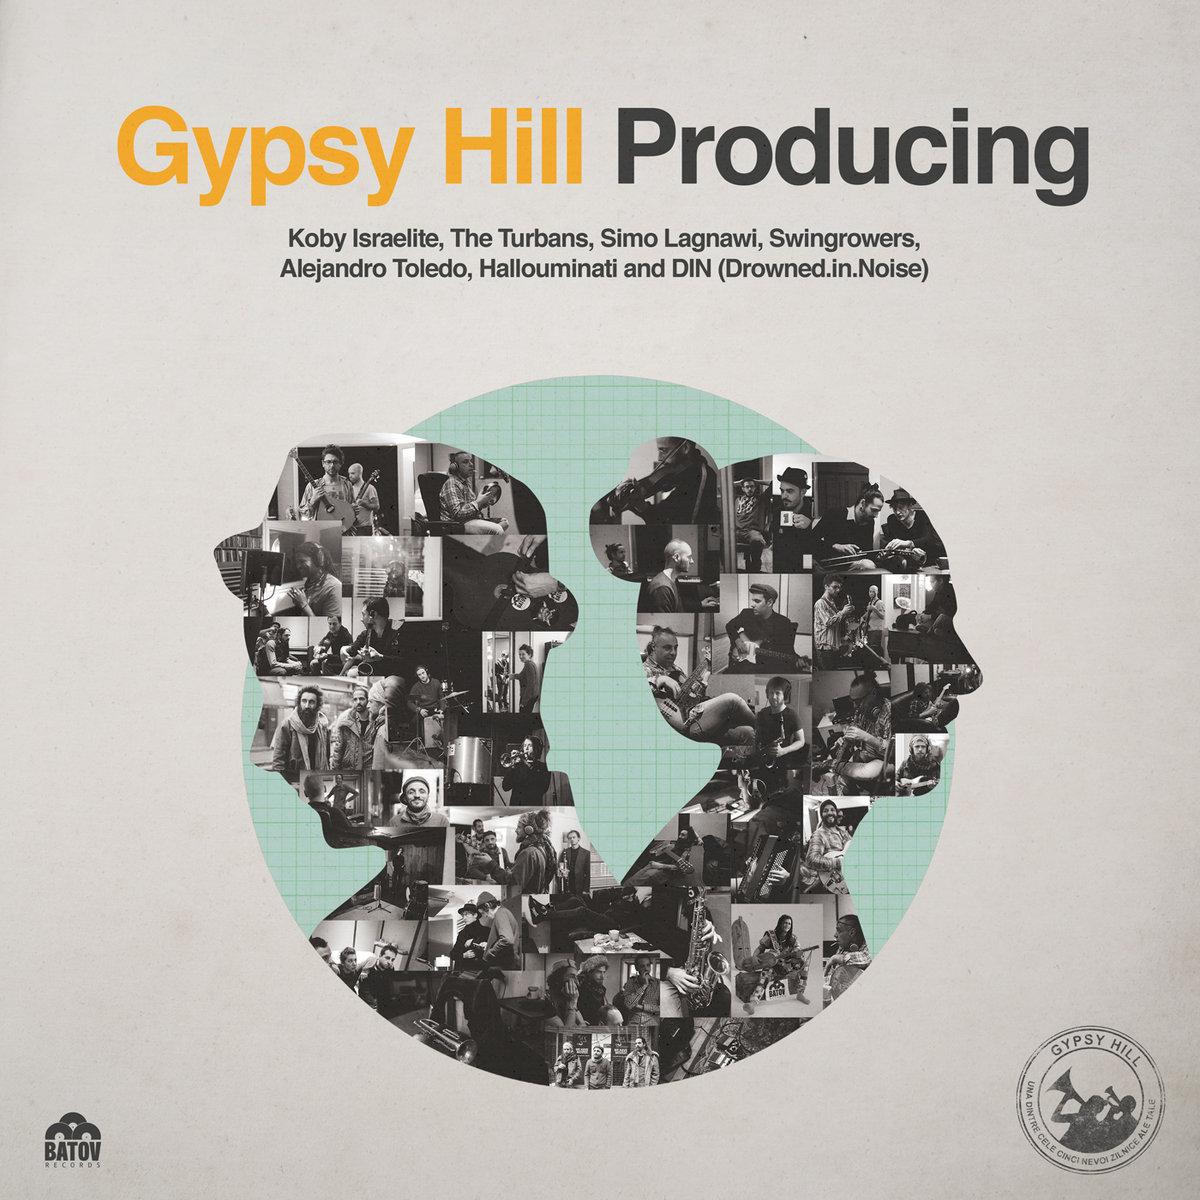 gypsy hill producing